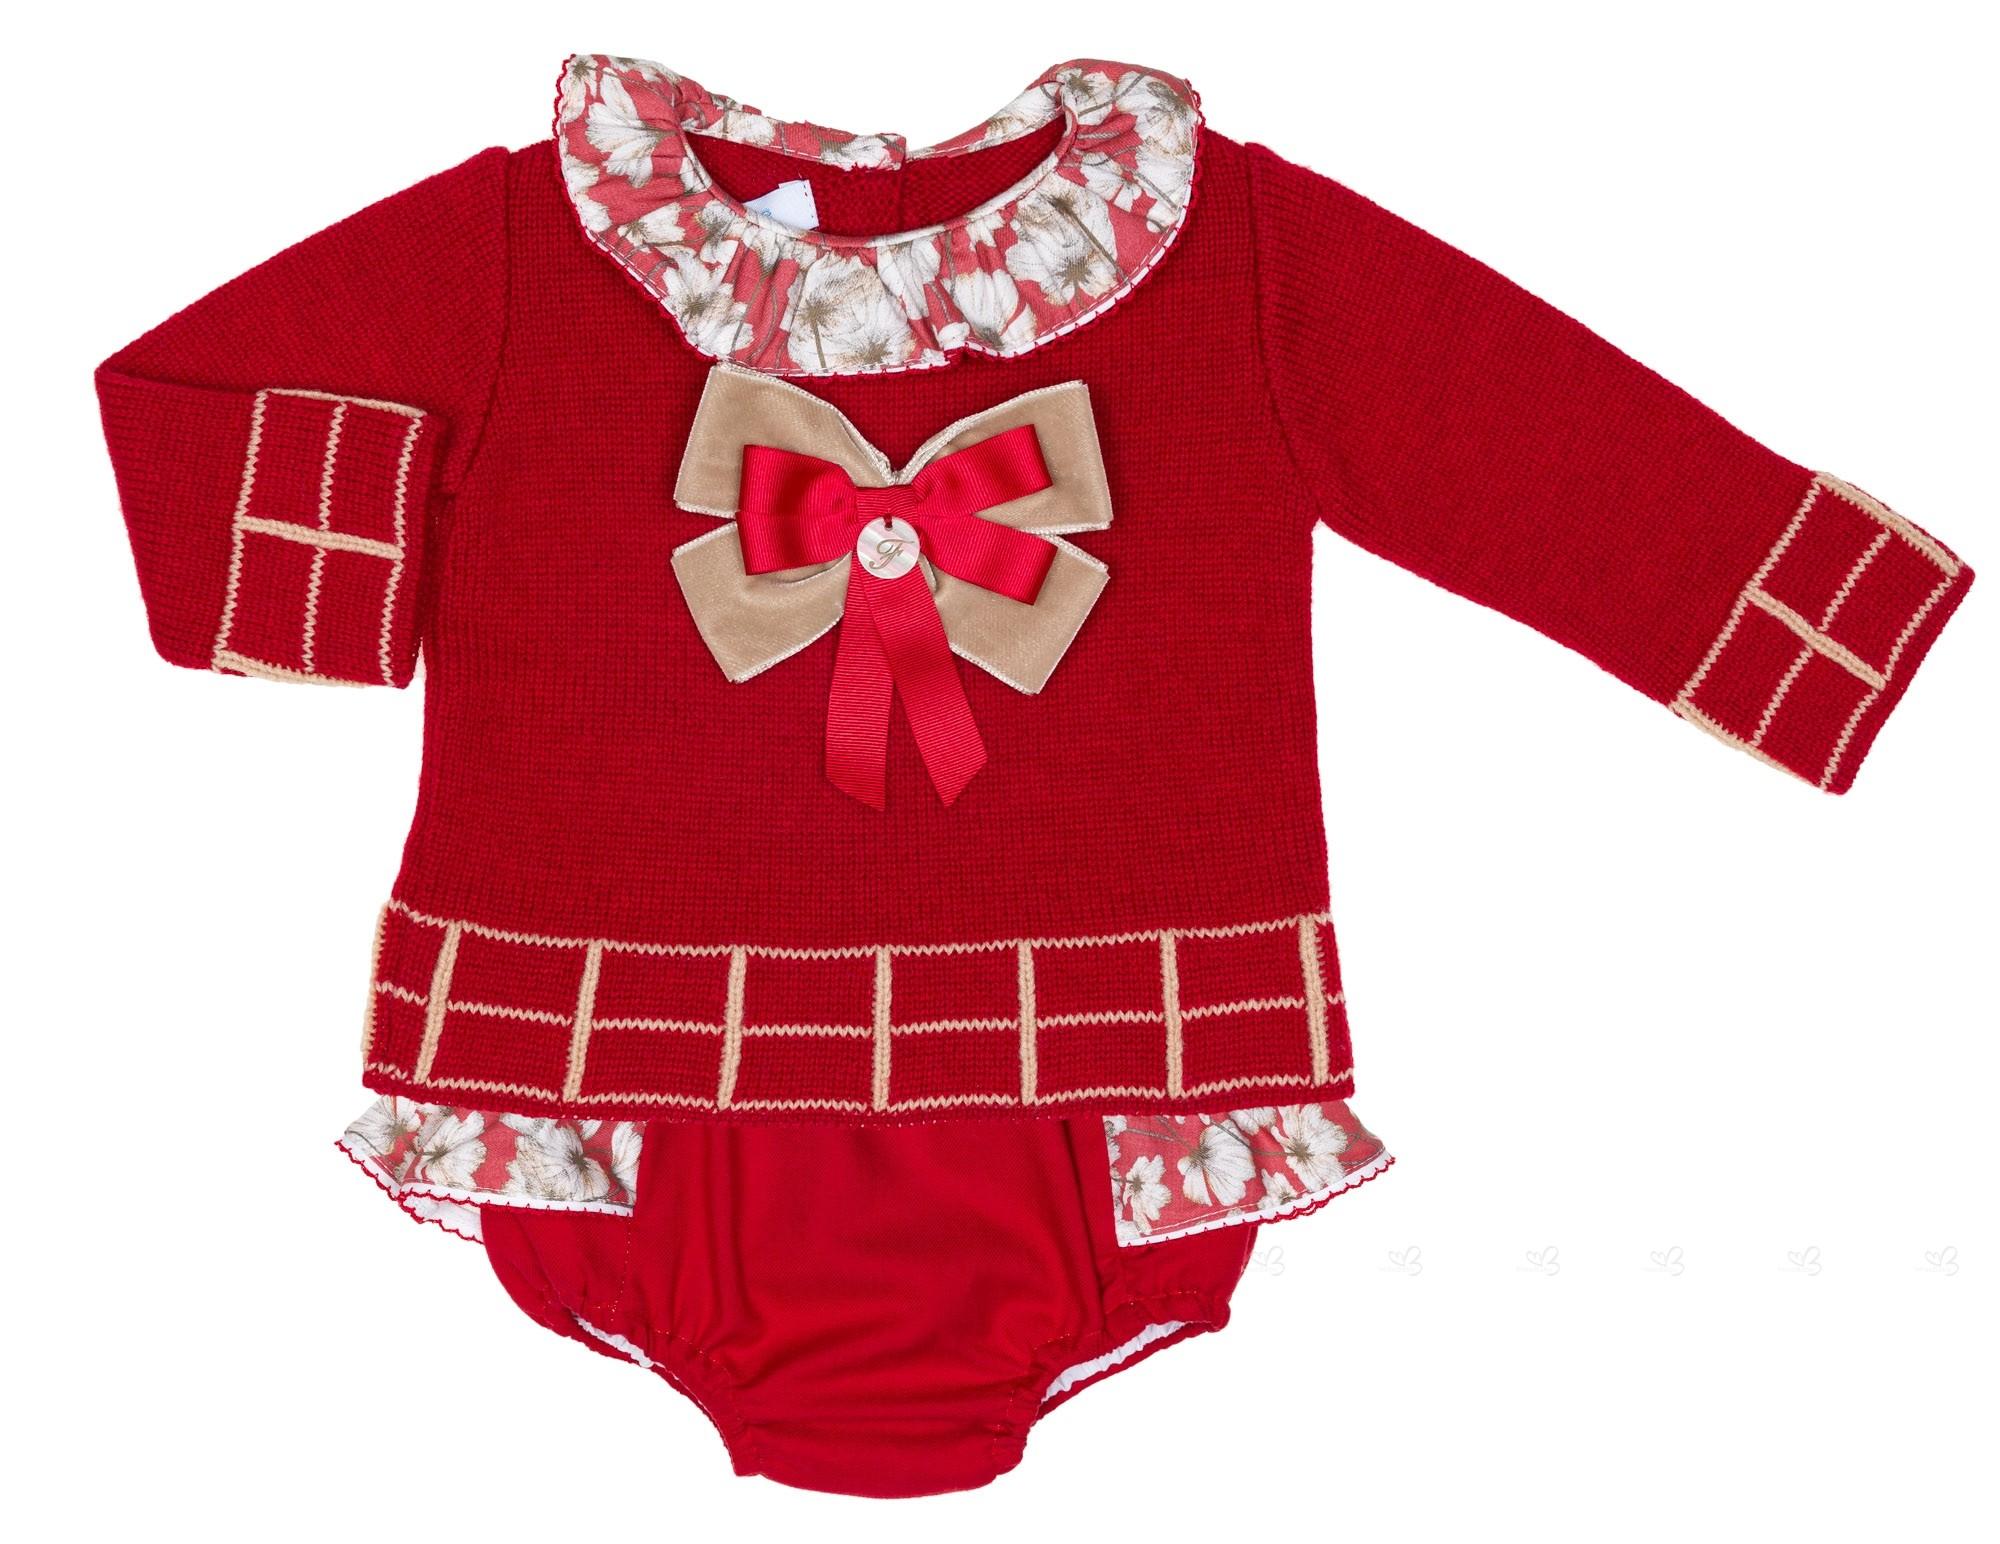 Conjunto Bebe Jersey Punto   Ranita Rojo Colección Pinocho ... 334ee395b7f3